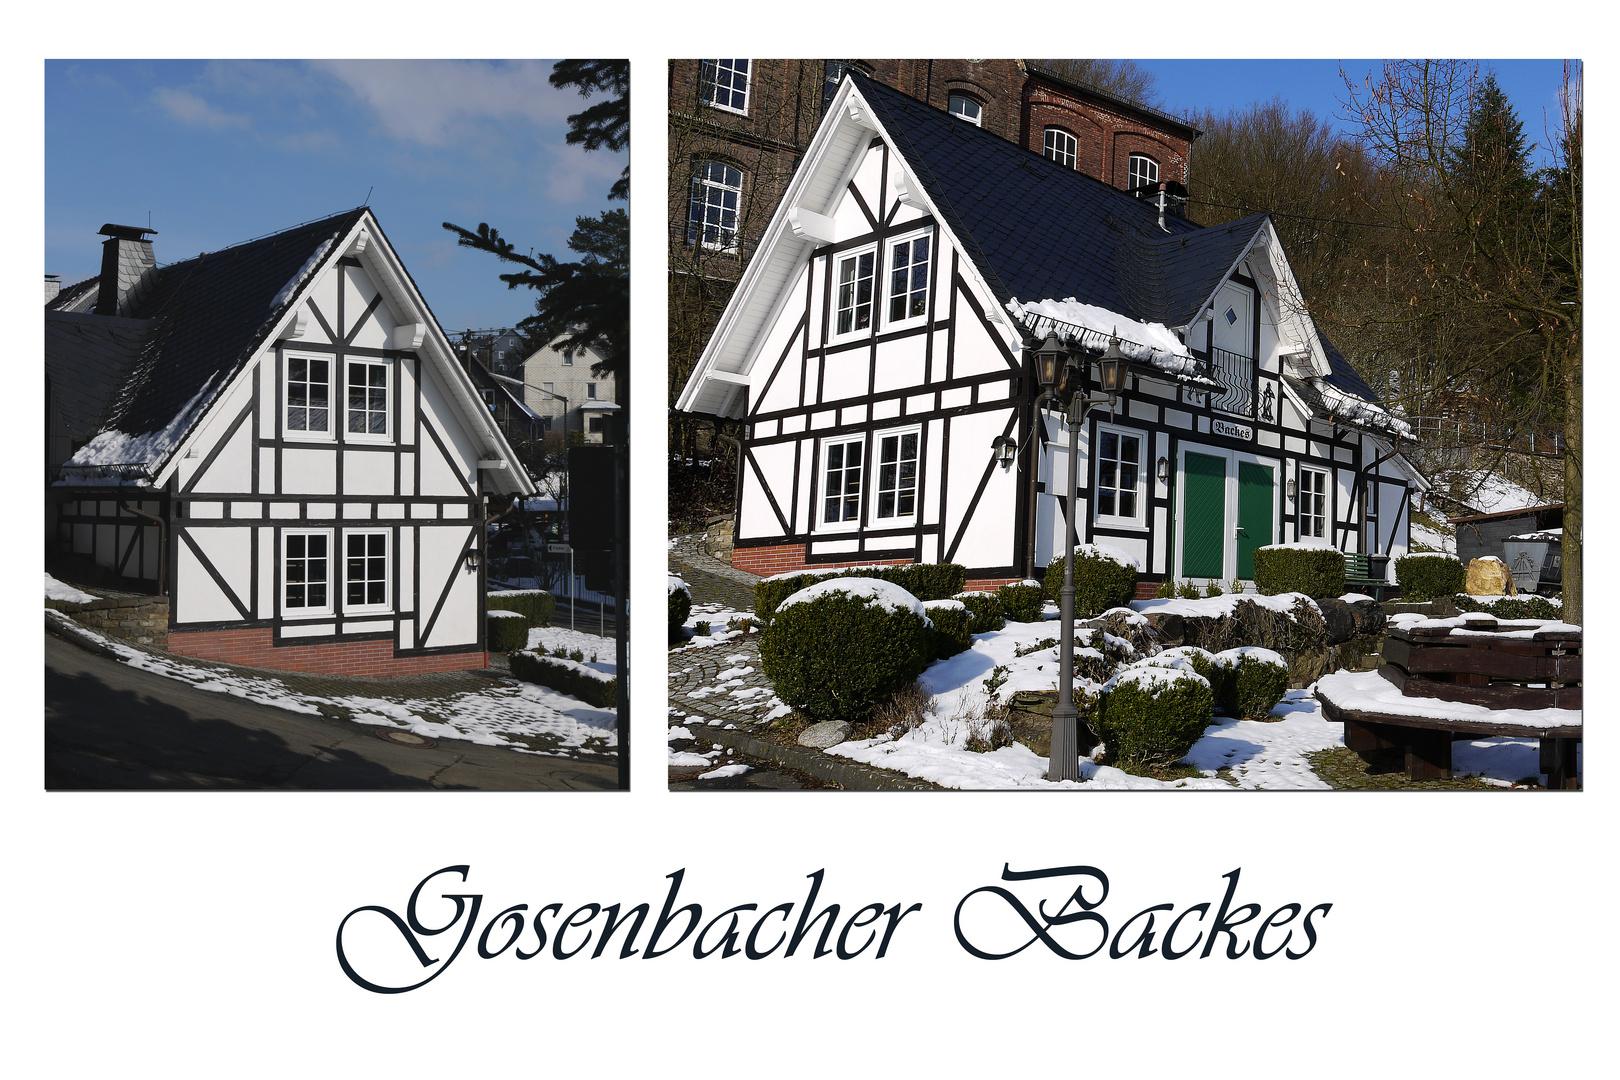 Gosenbacher Backes